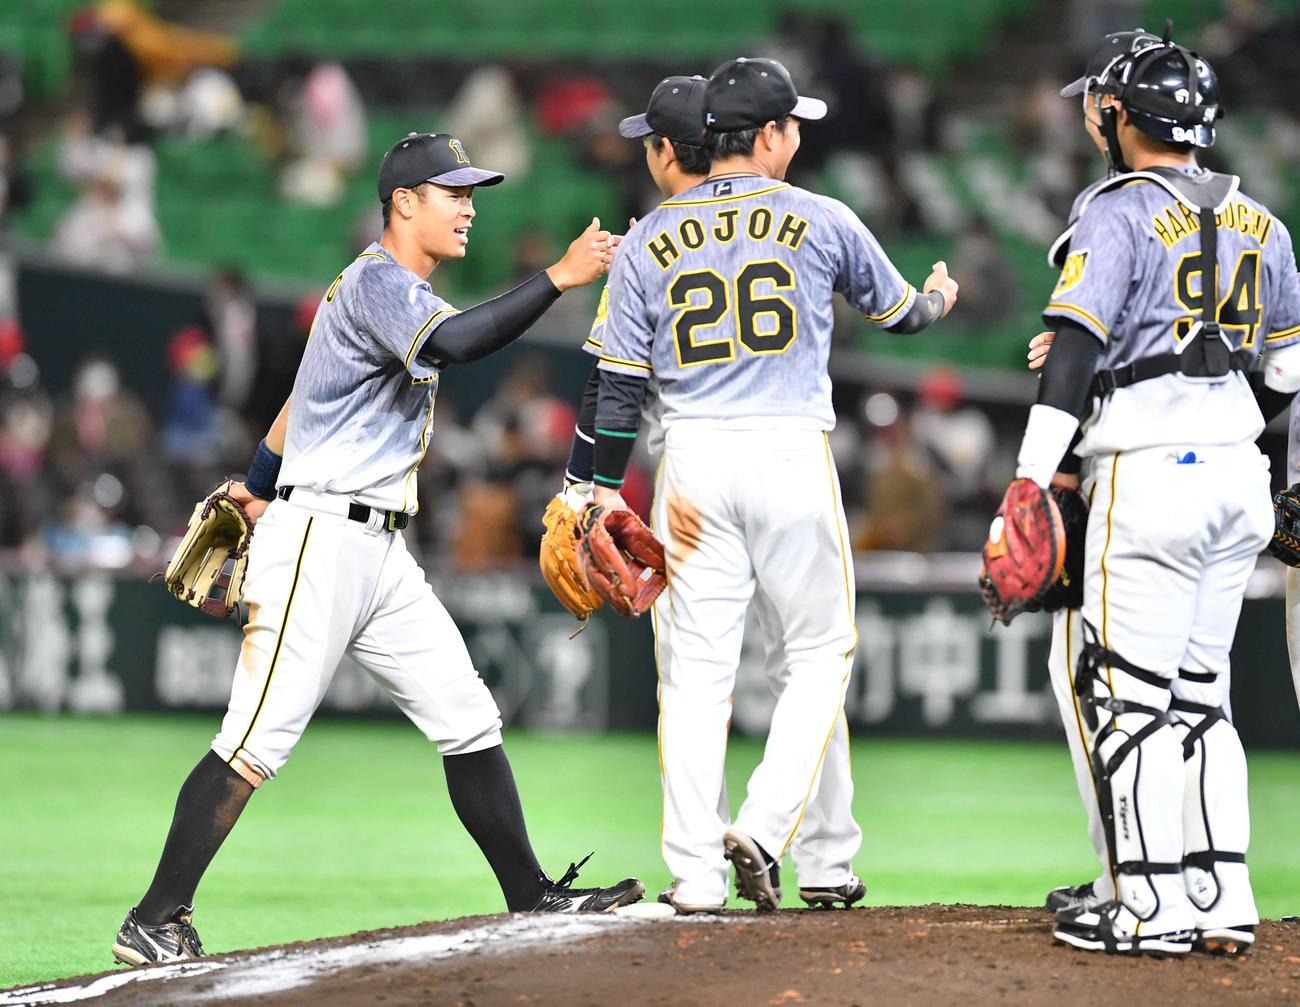 2021年3月5日 ソフトバンク対阪神 ソフトバンクに勝利し、佐藤輝明(左)はナインとグータッチを交わす(撮影・岩下翔太)